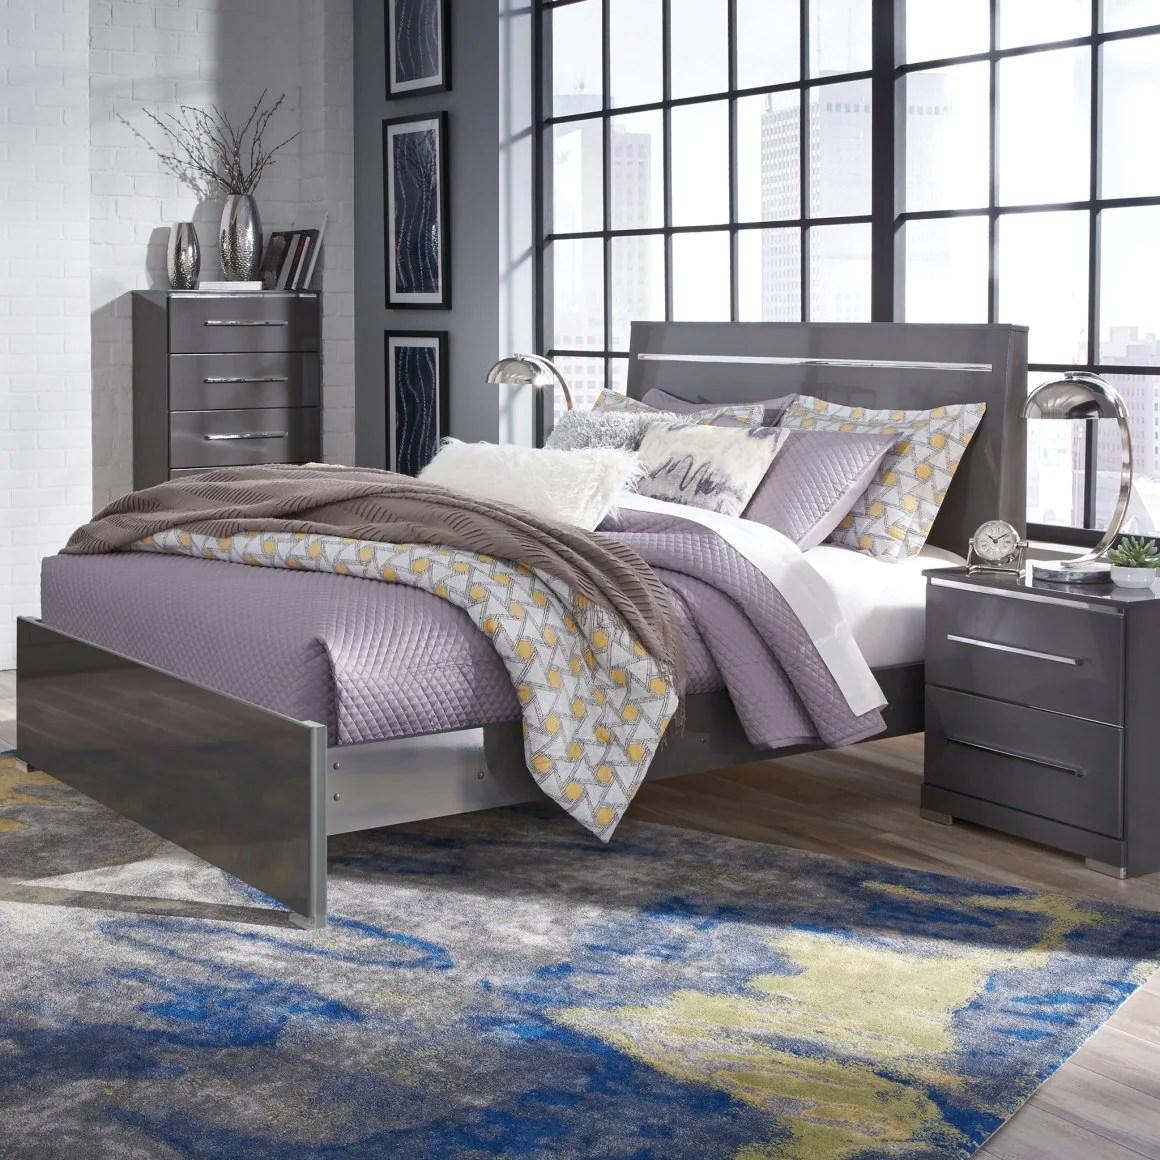 dormitoare mici